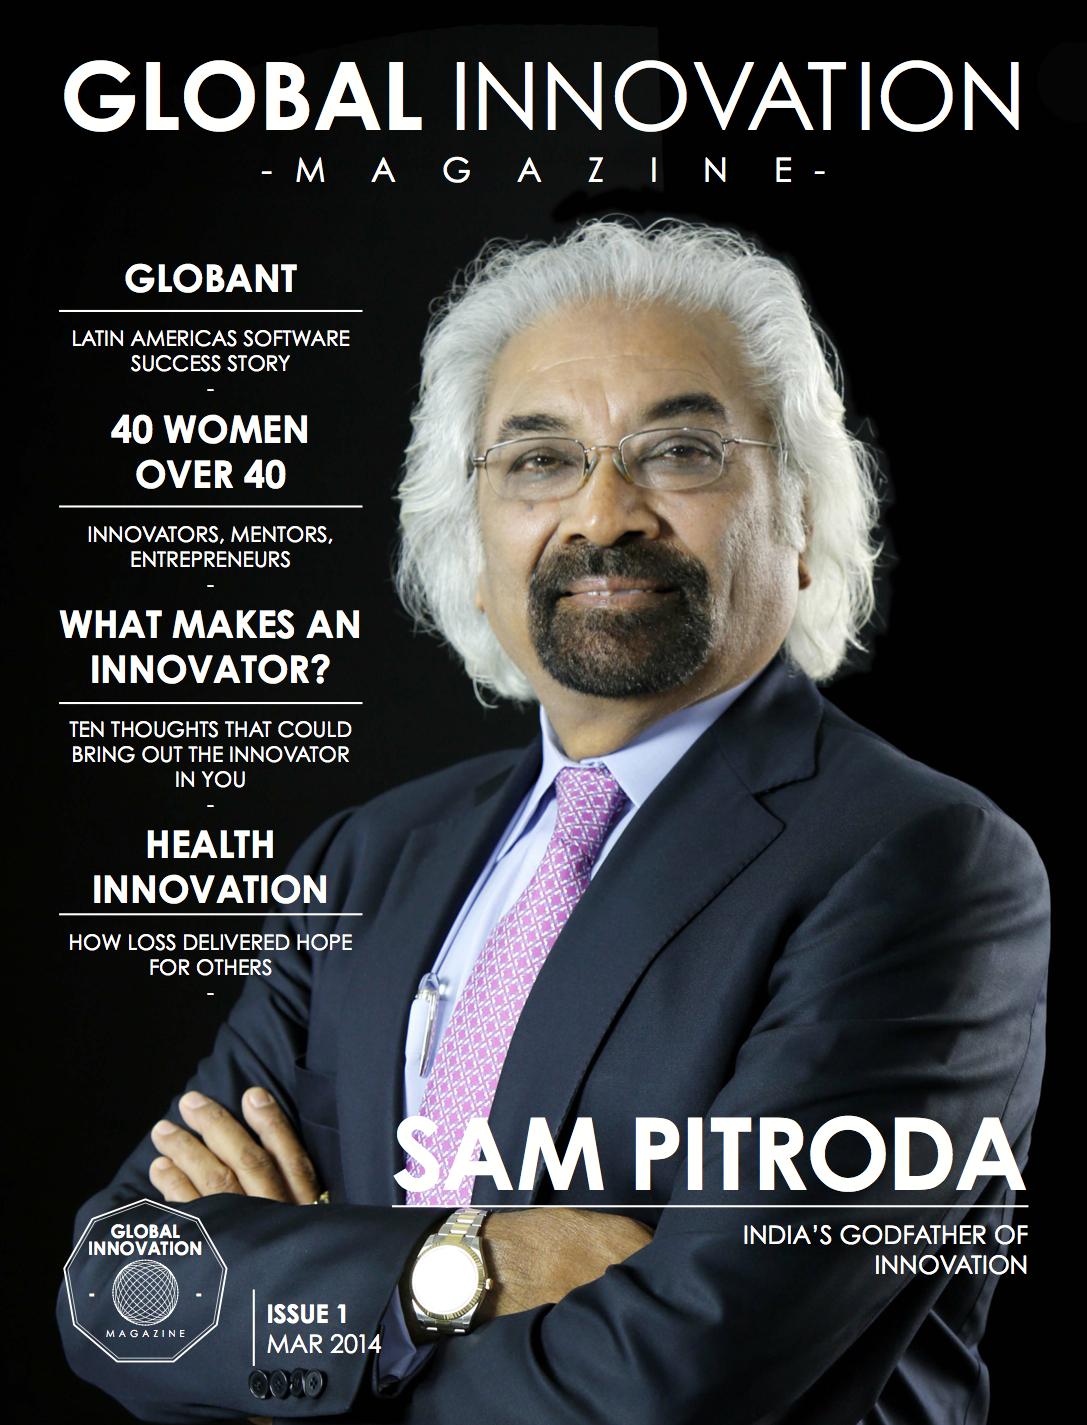 """""""Sam Pitroda: India's Godfather of Innovation,"""" Global Innovation Magazine, 2014"""